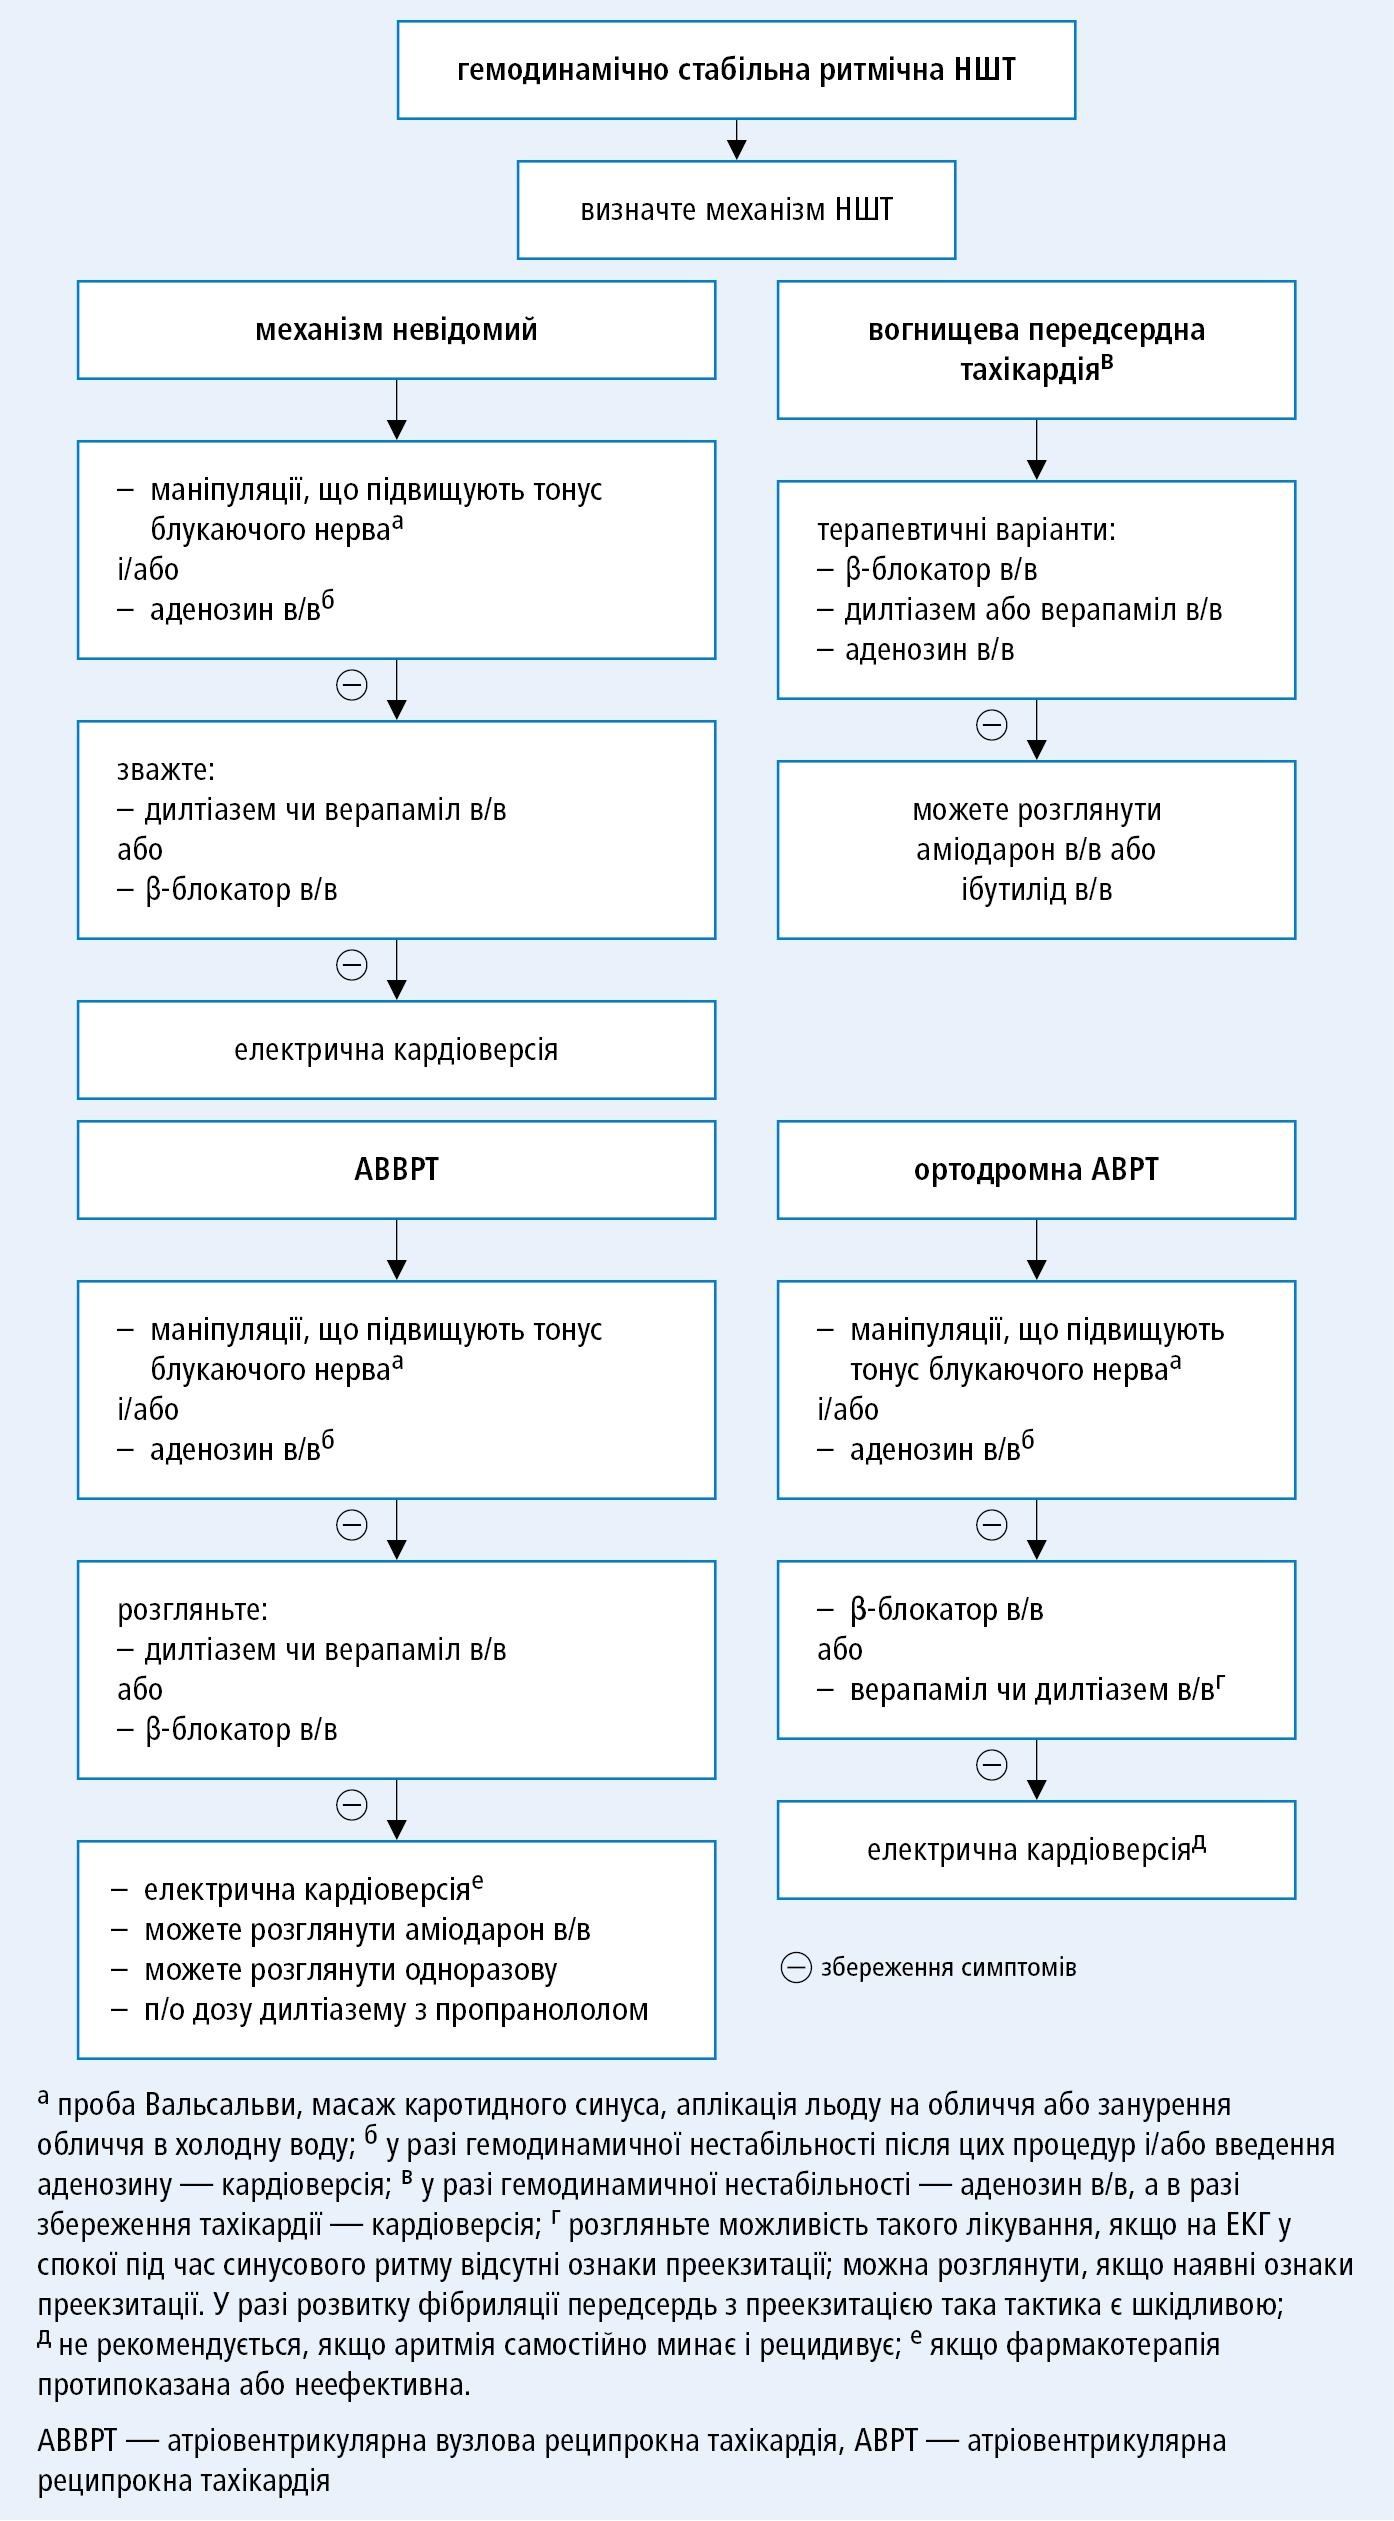 Невідкладне лікування при гемодинамічно стабільної ритмічної НШТ (на основі рекомендацій ACC, AHA, HRS 2015 таEHRA 2016, модифіковано)